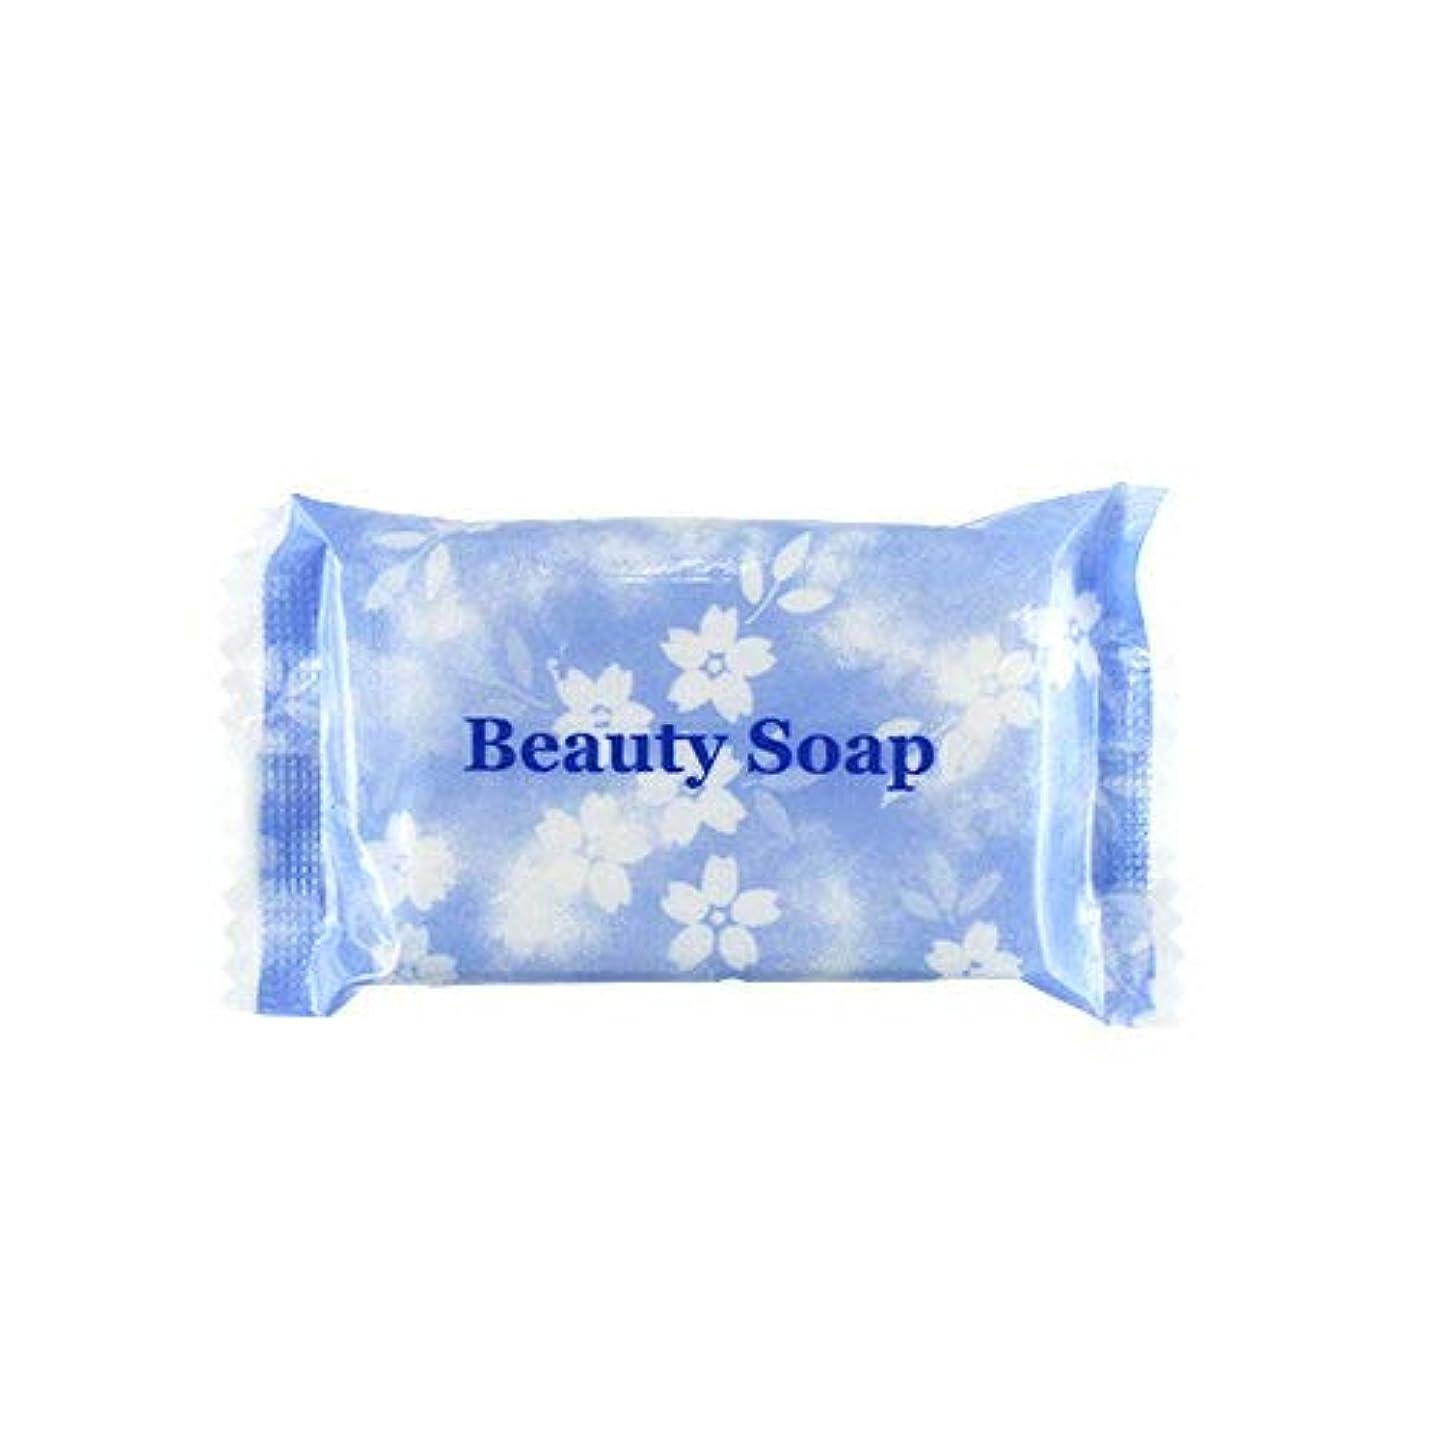 チャールズキージングアーカイブ勧める業務用 クロバーコーポレーション ビューティーソープ(Beauty Soap) 15g×10個セット | ホテルアメニティ 個包装